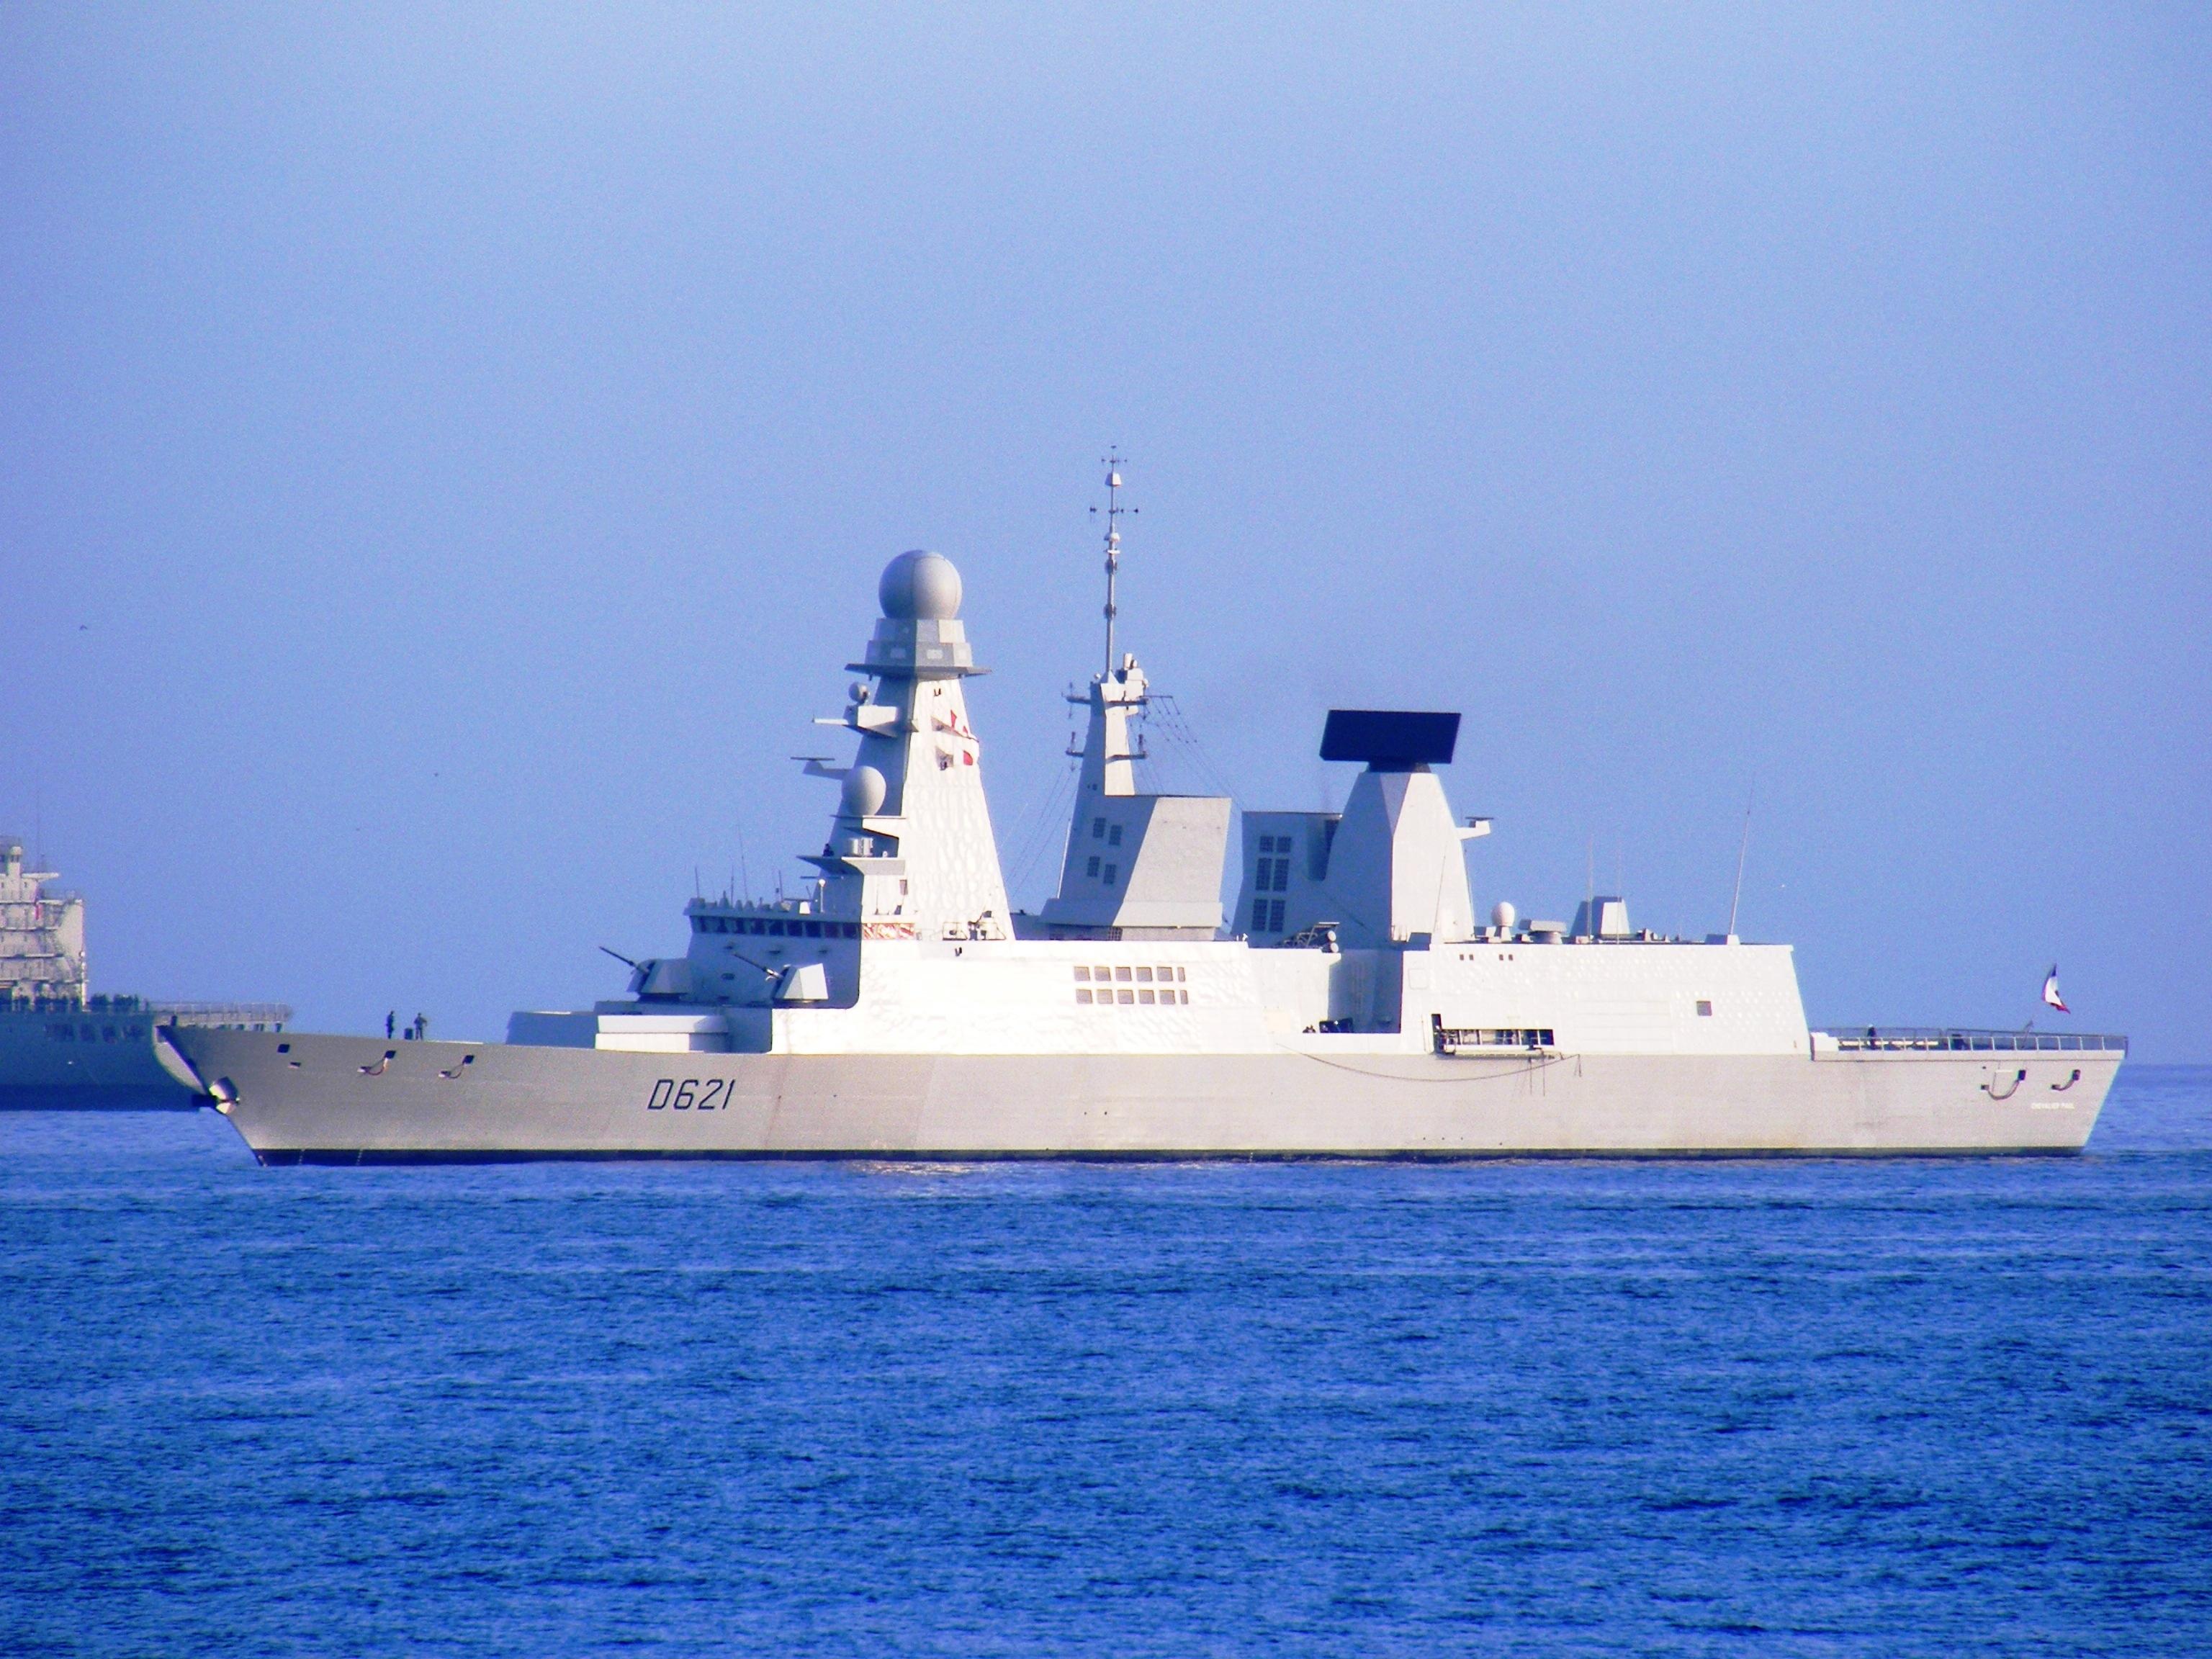 フォルバン級駆逐艦 - Wikipedia